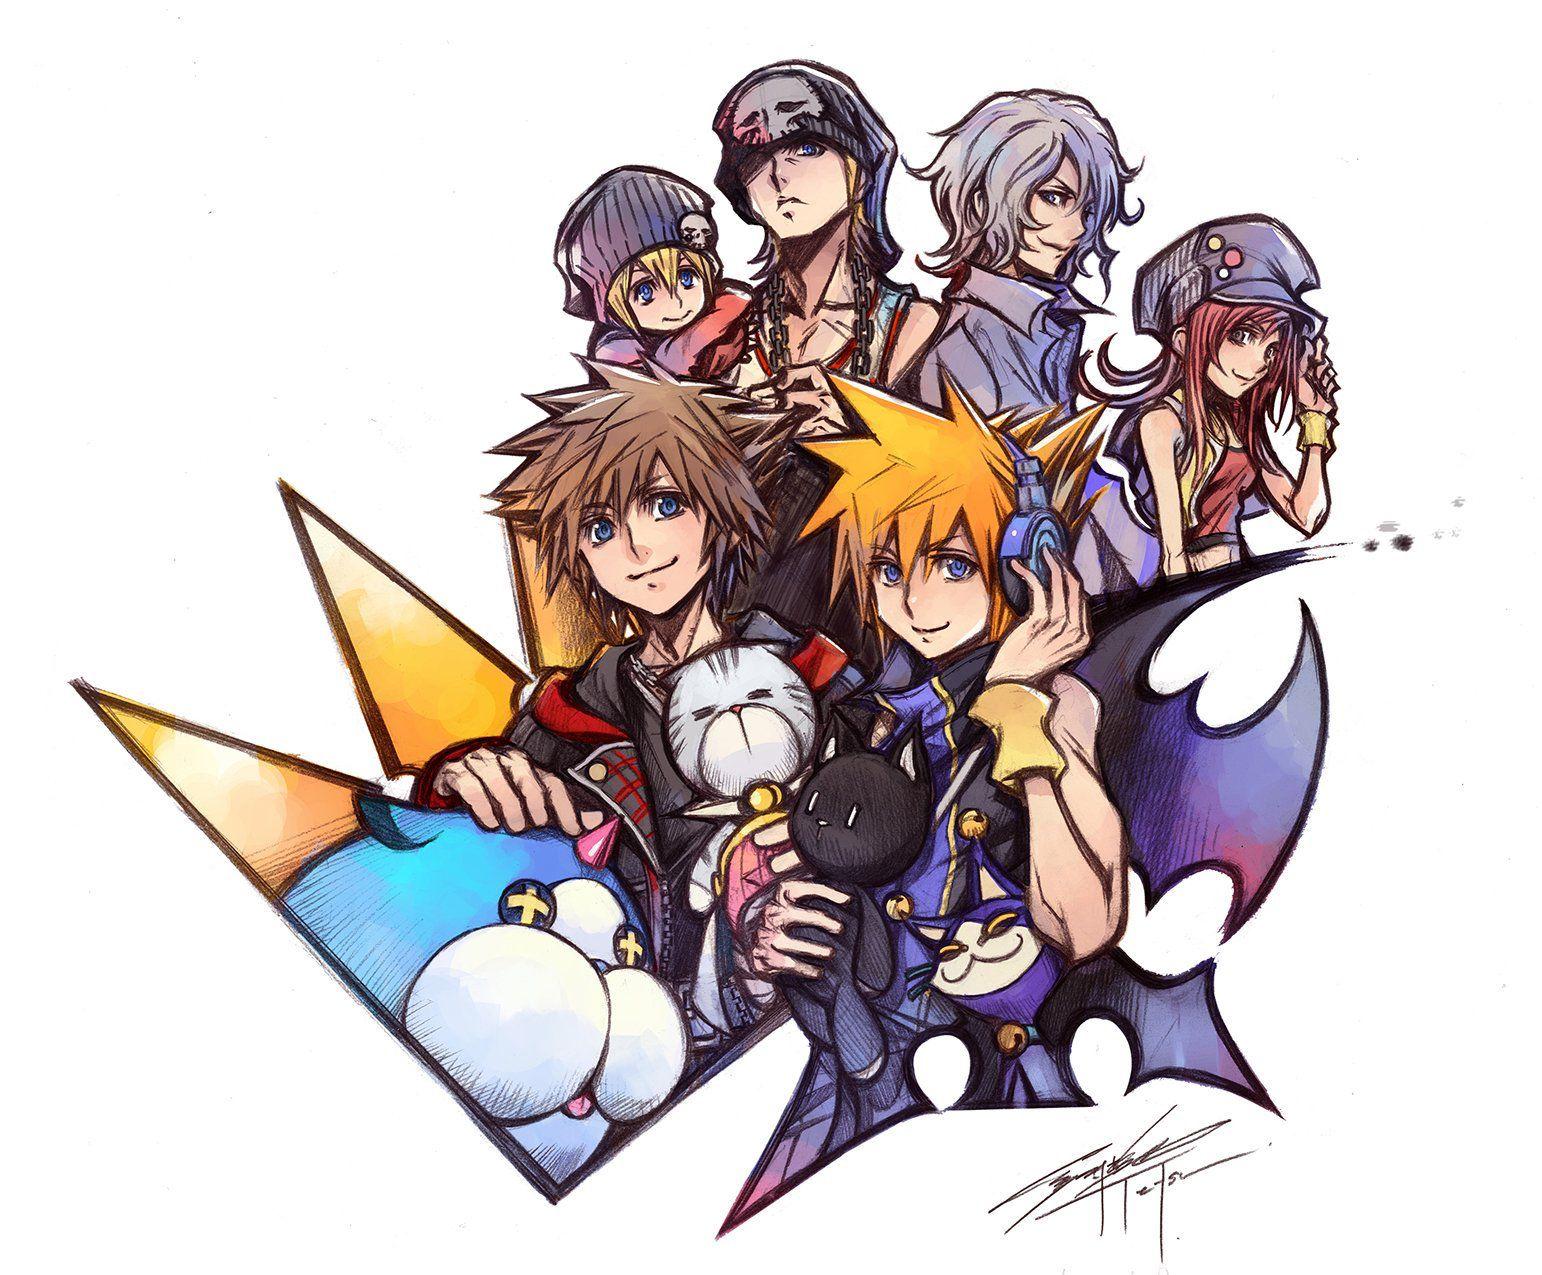 Heartless Kingdom Hearts Neoshadow Dark Fading Into